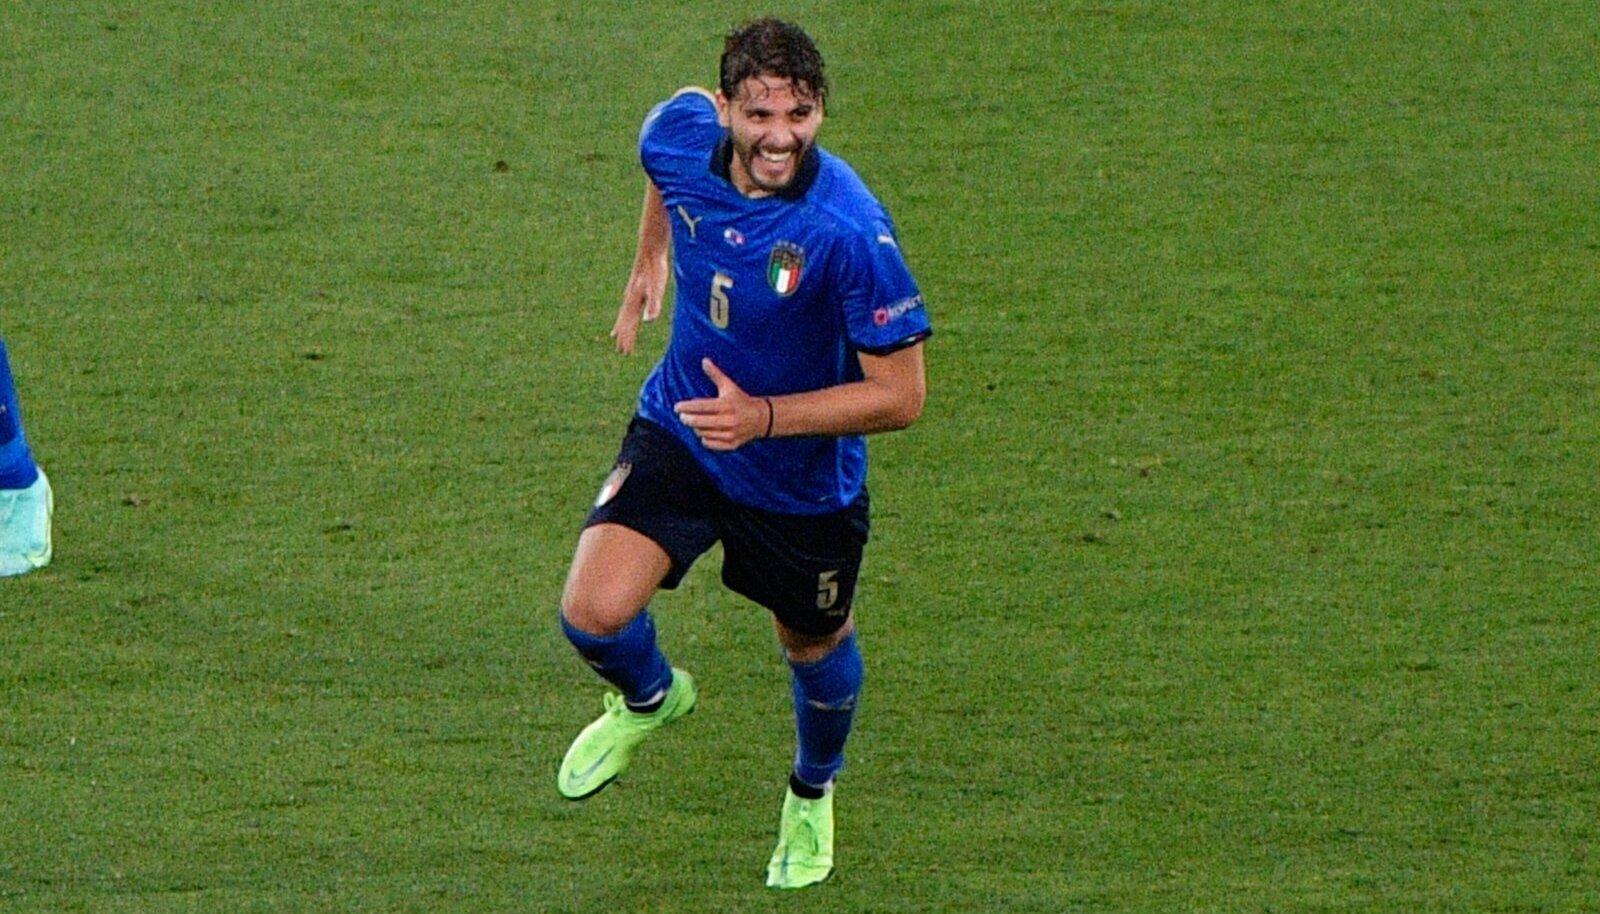 Itaalia poolkaitsja Manuel Locatelli lõi Šveitsi võrku kaks palli.